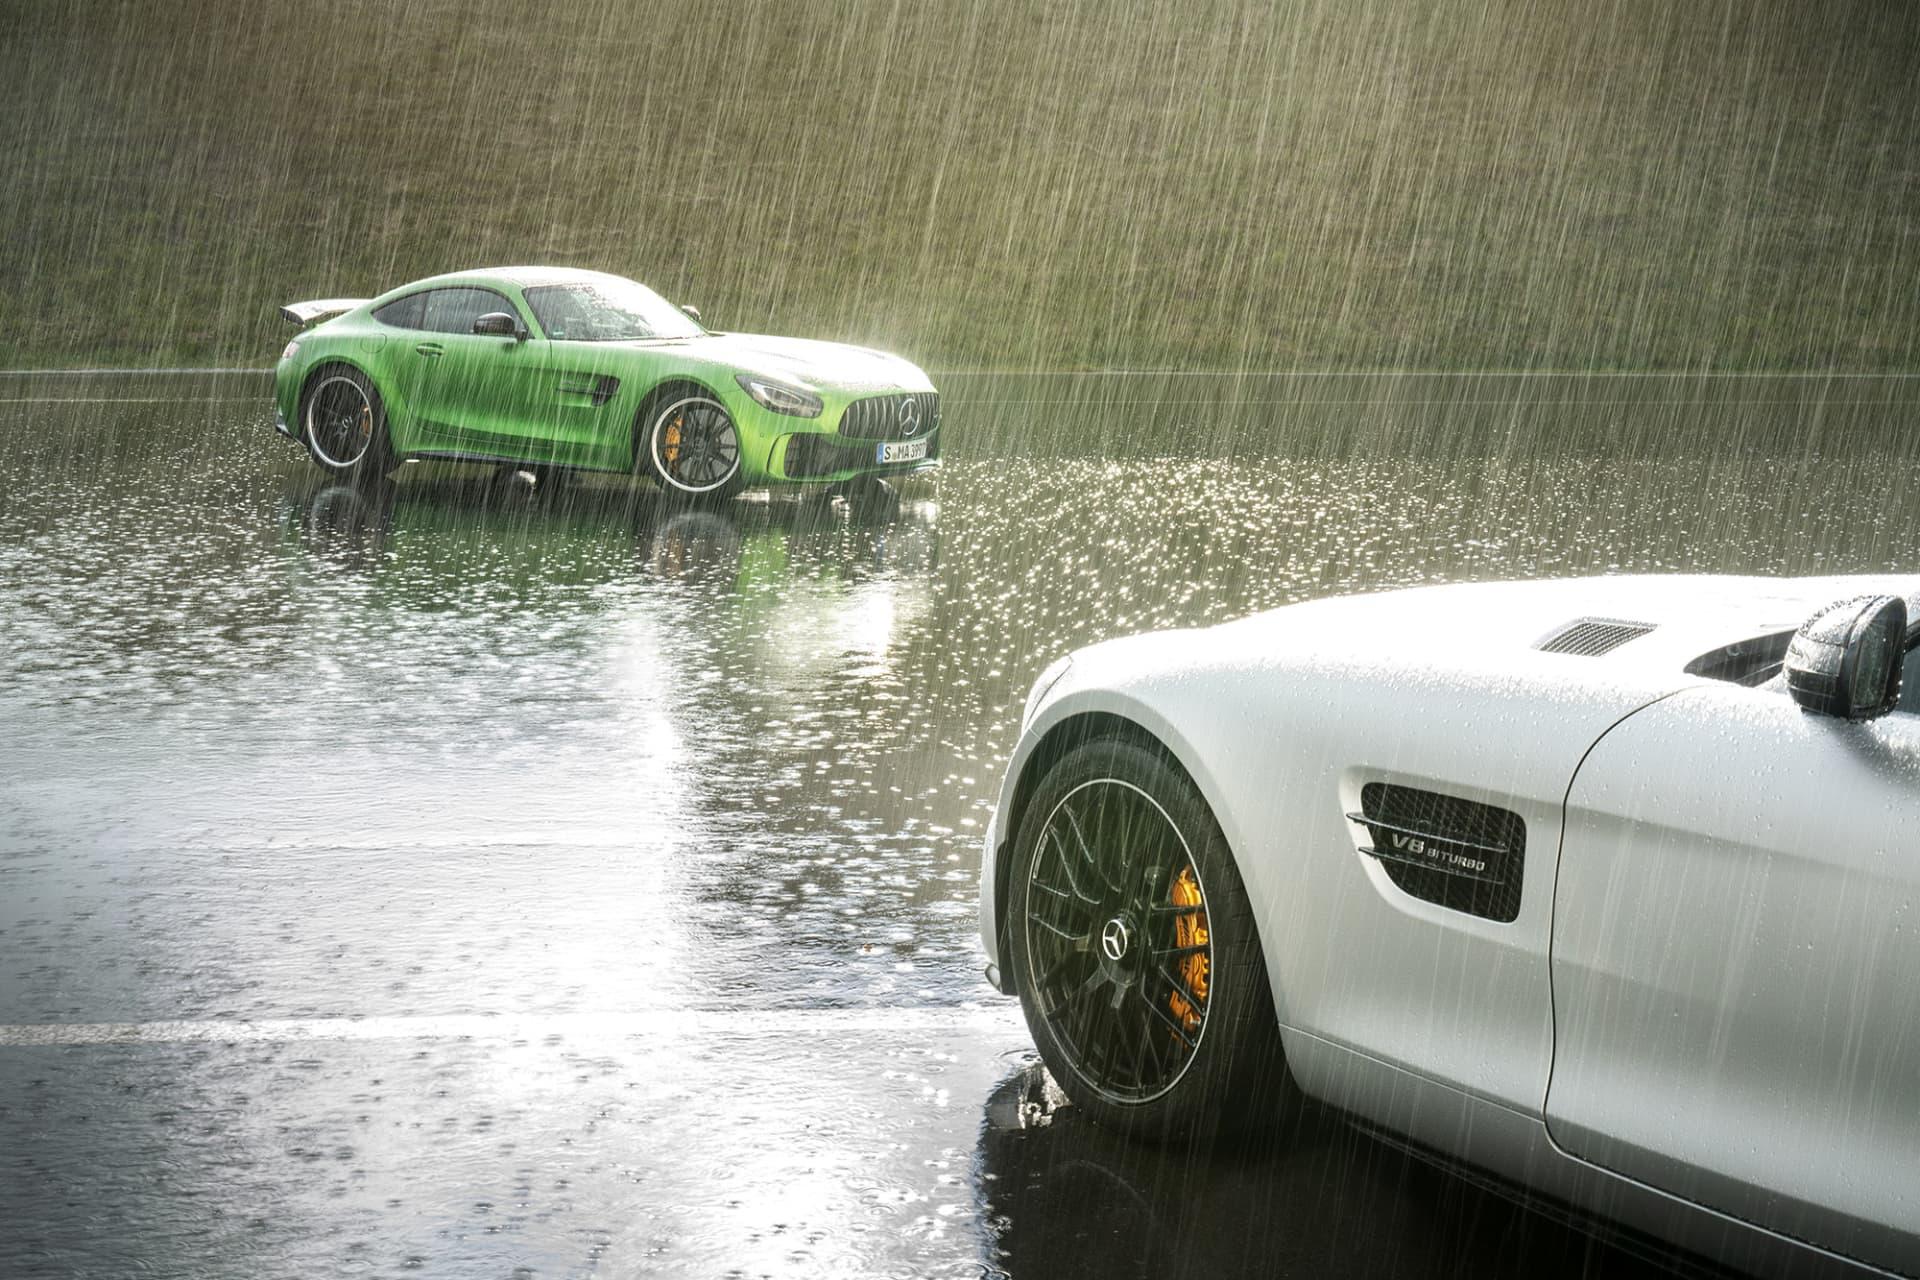 Trots regn greppade bilens R-däck bra på Bilster Bergsutmanande banan.